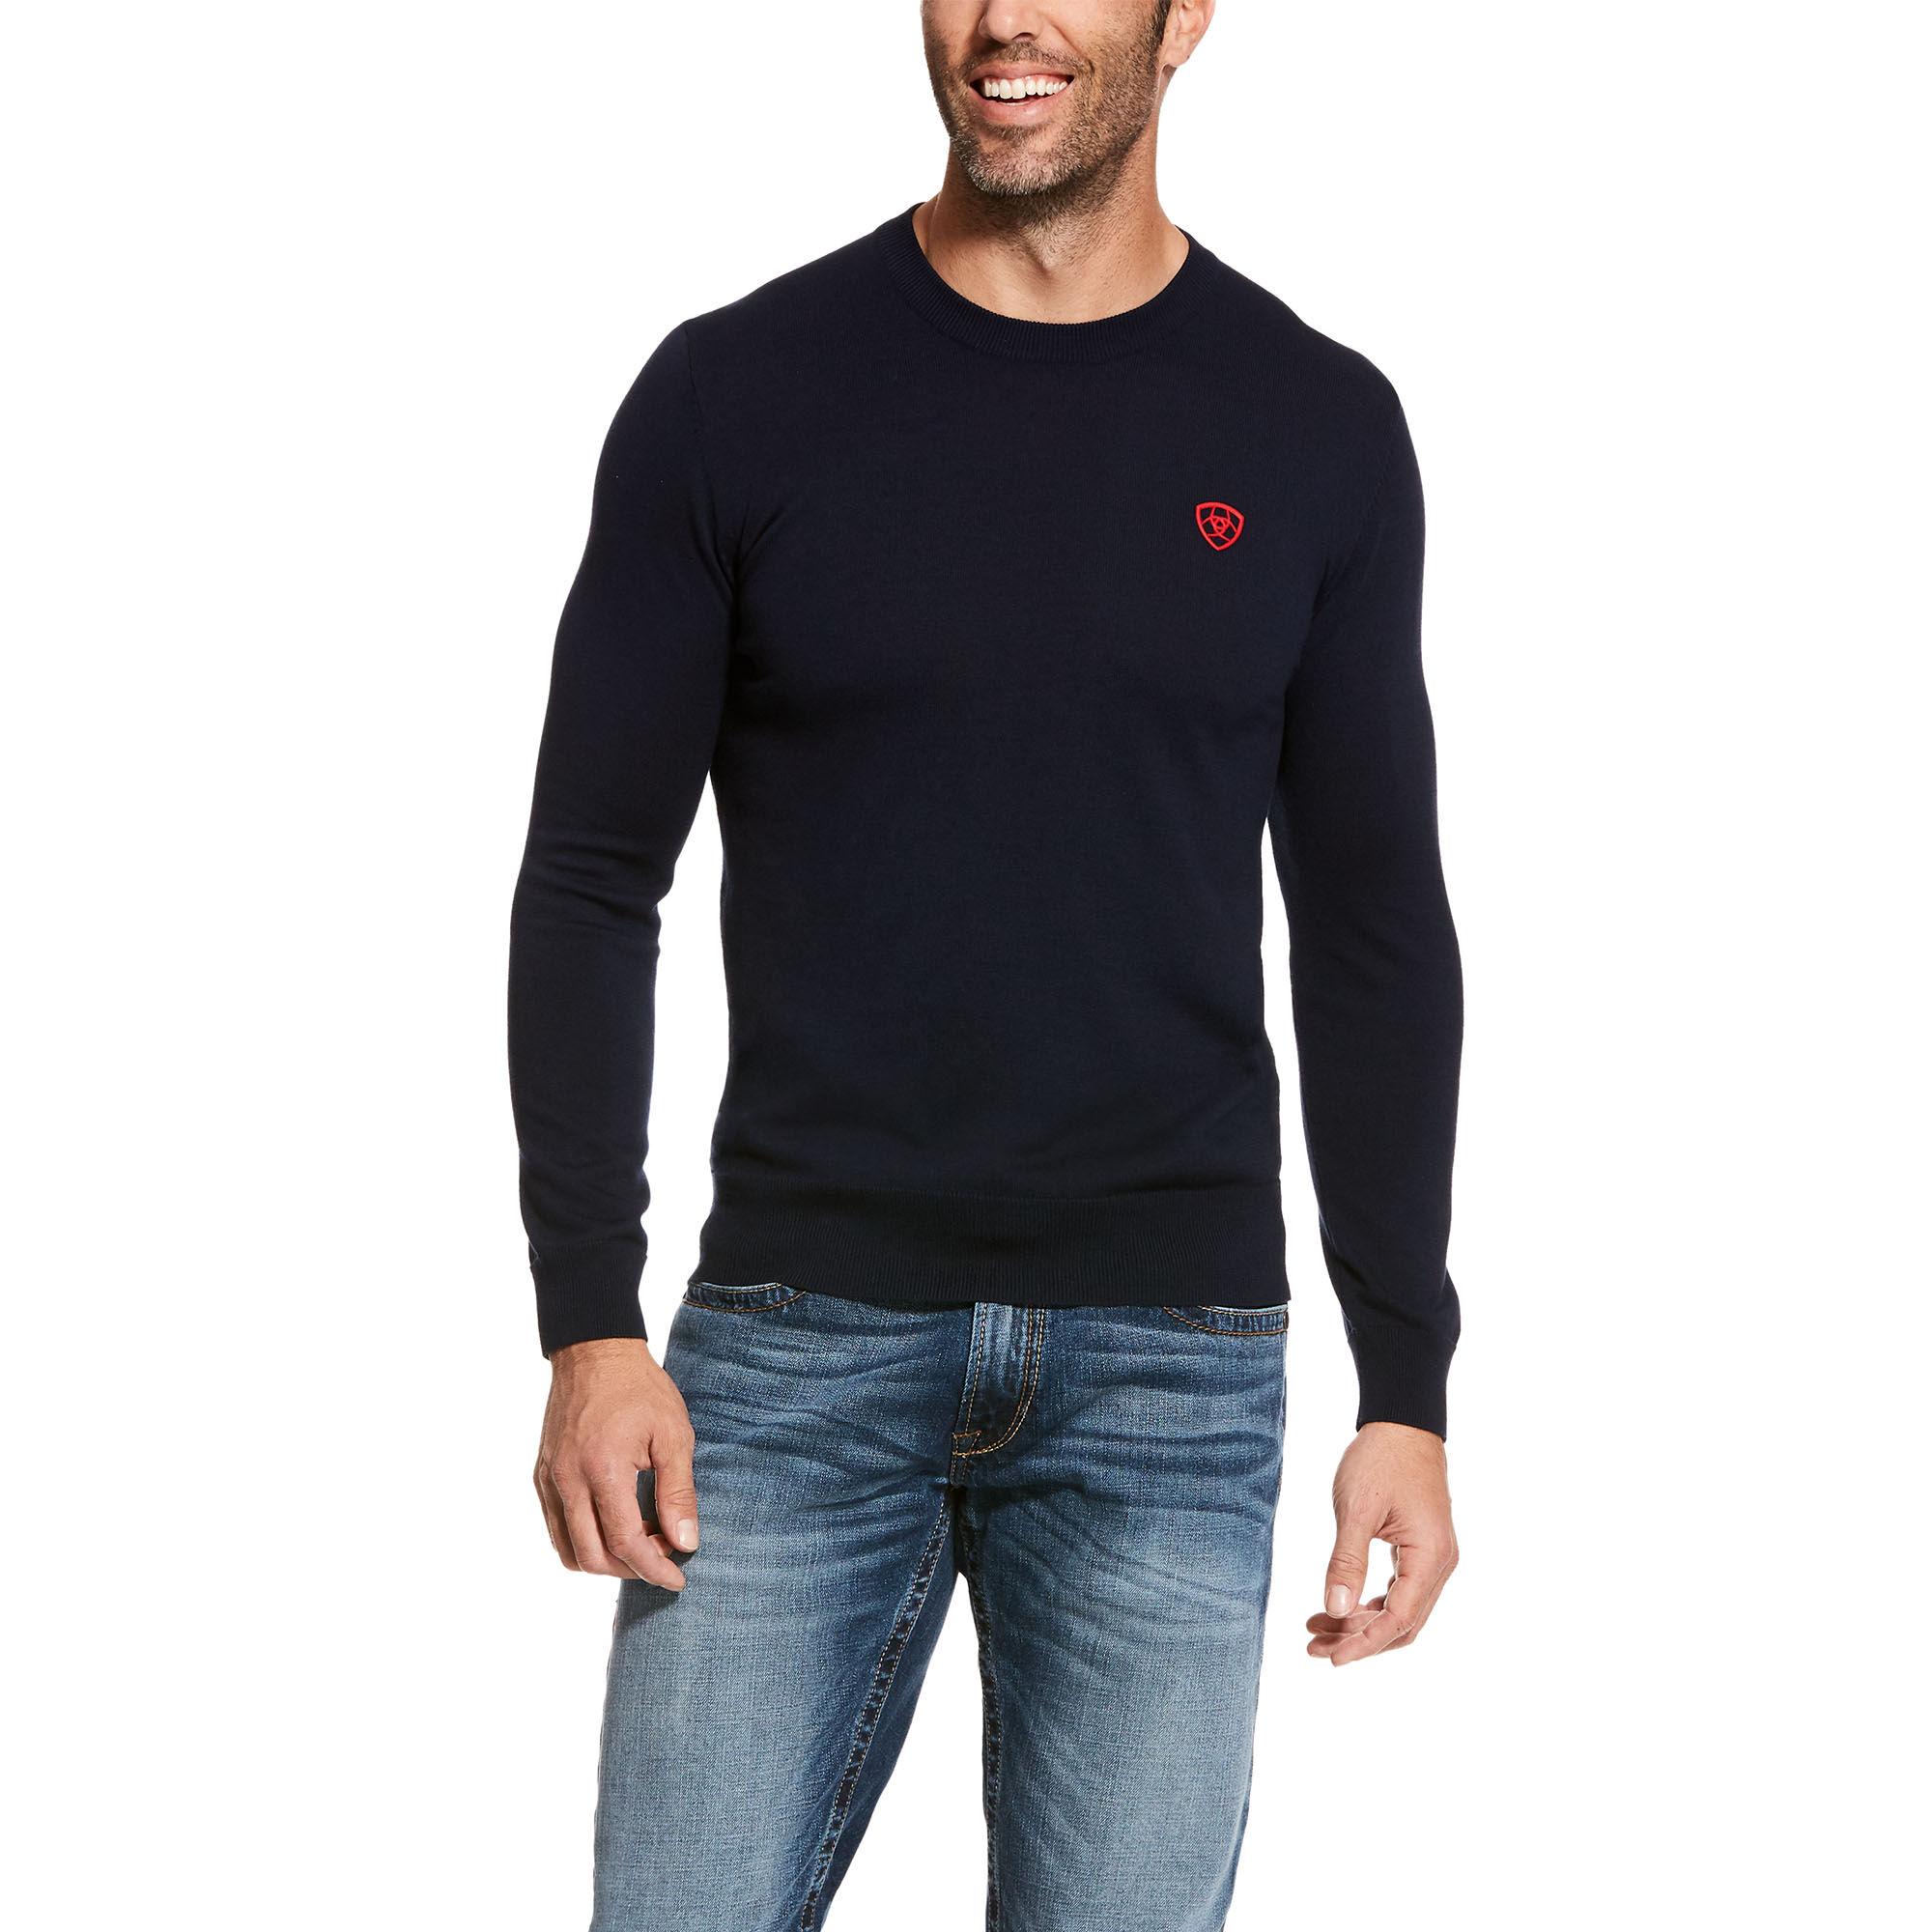 Mns Crew Neck Sweater